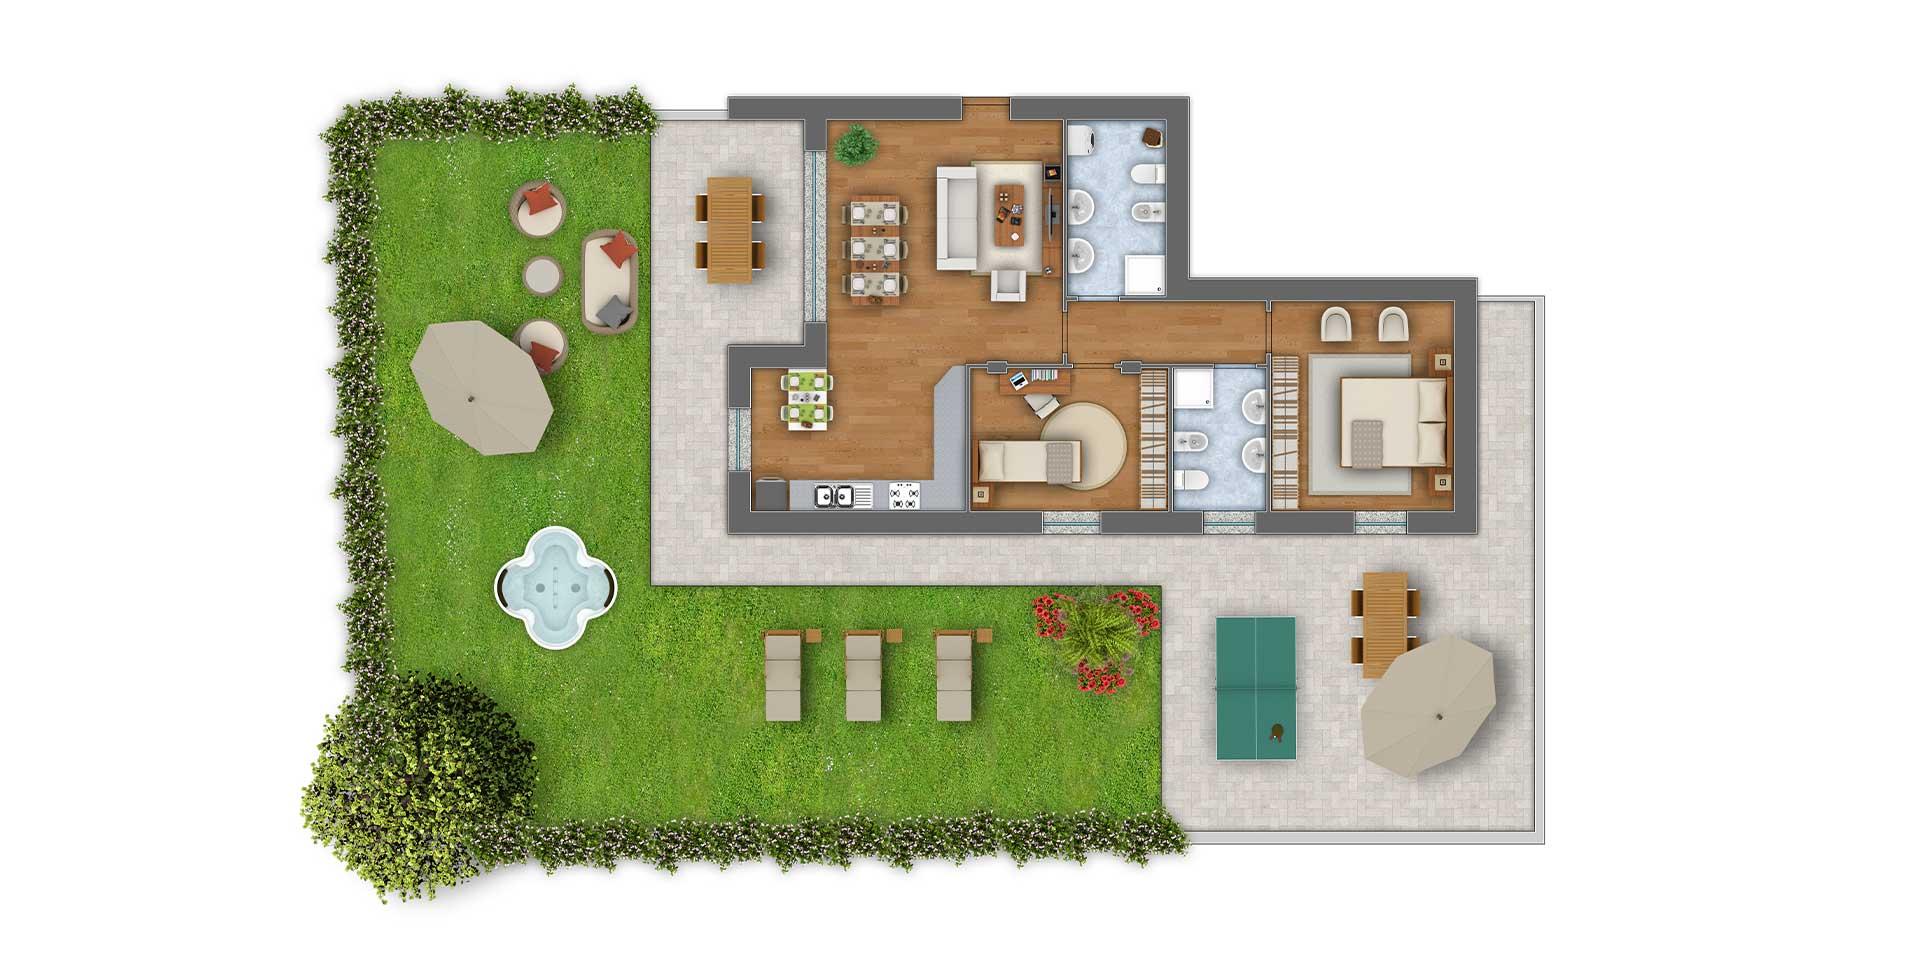 Girasoli 2 trilocale appartamento 01